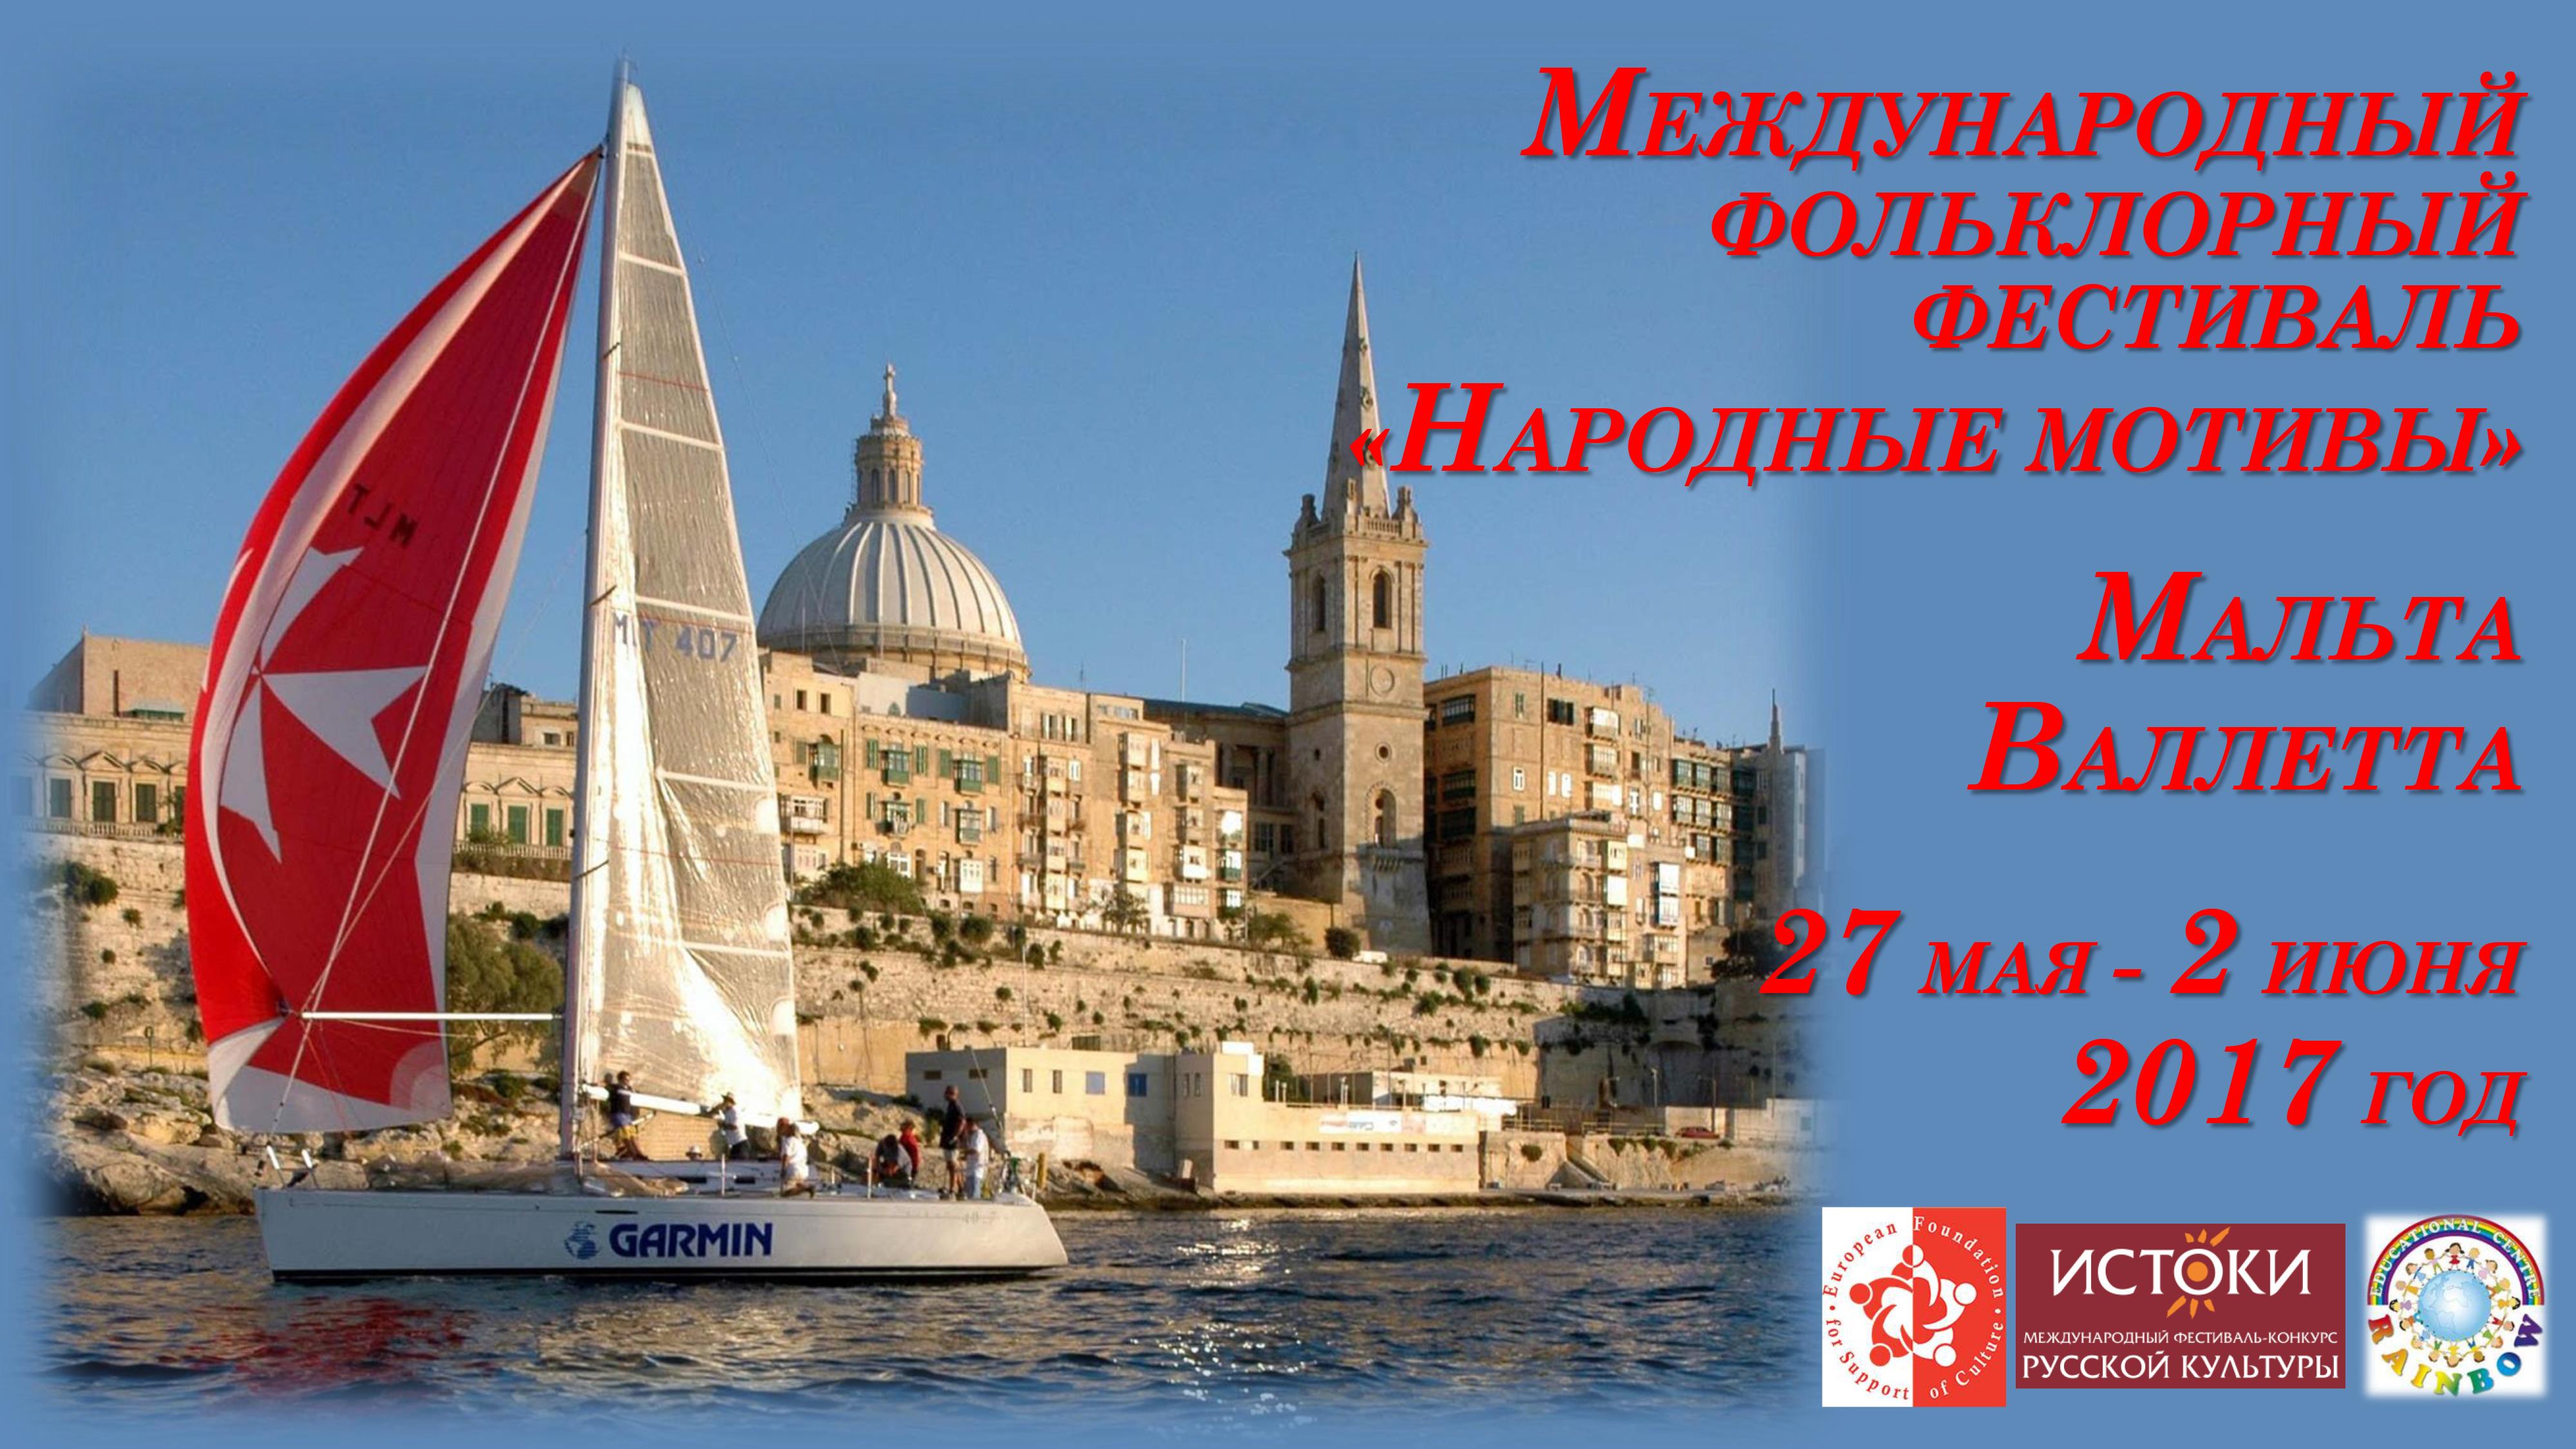 Фестиваль на Мальте – «Народные мотивы»